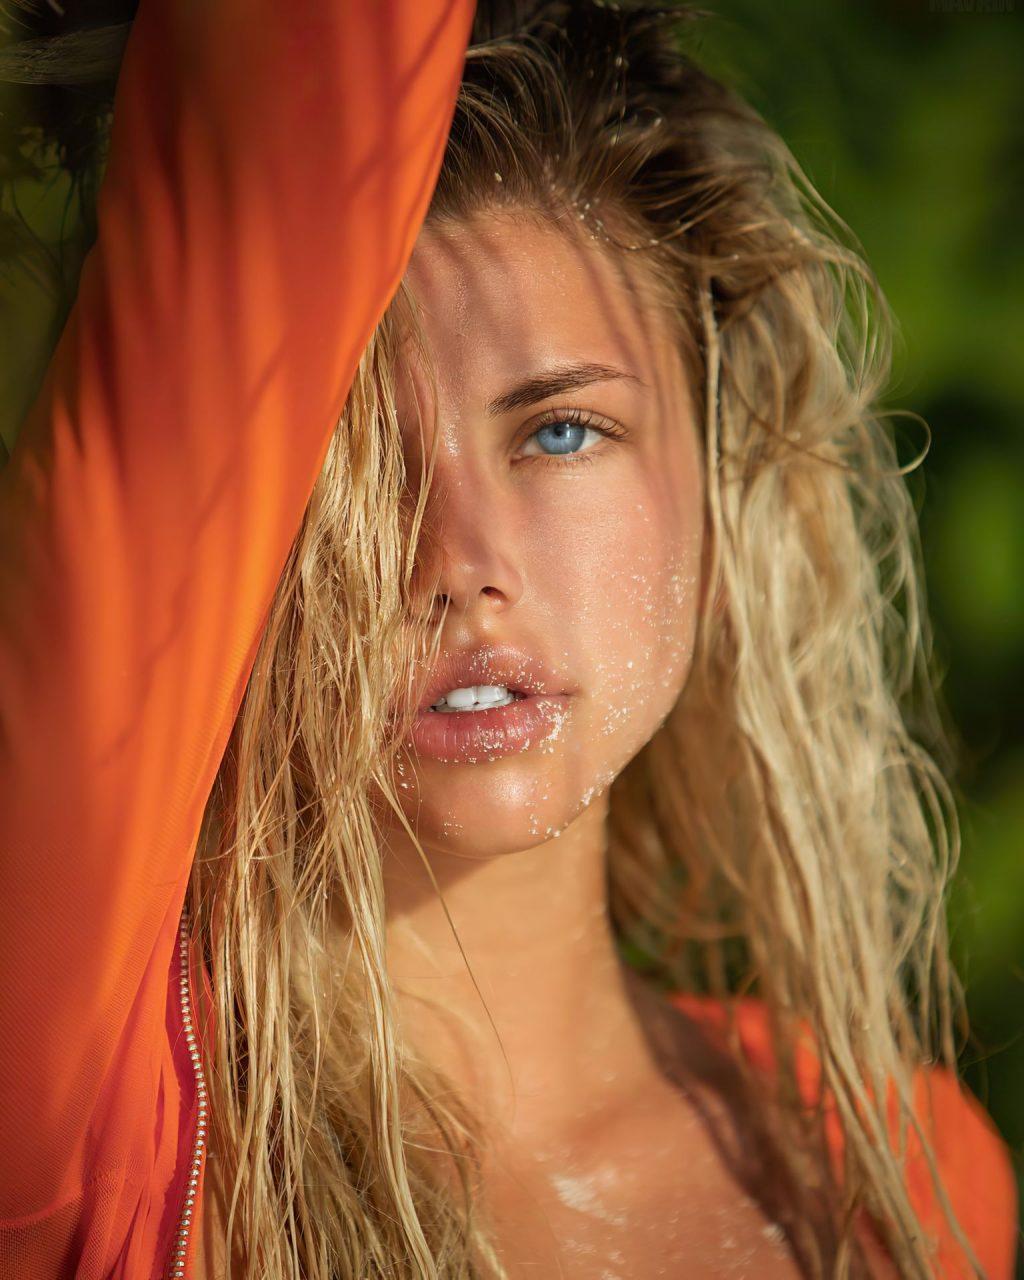 Nata Lee Nude & Sexy (6 Photos)